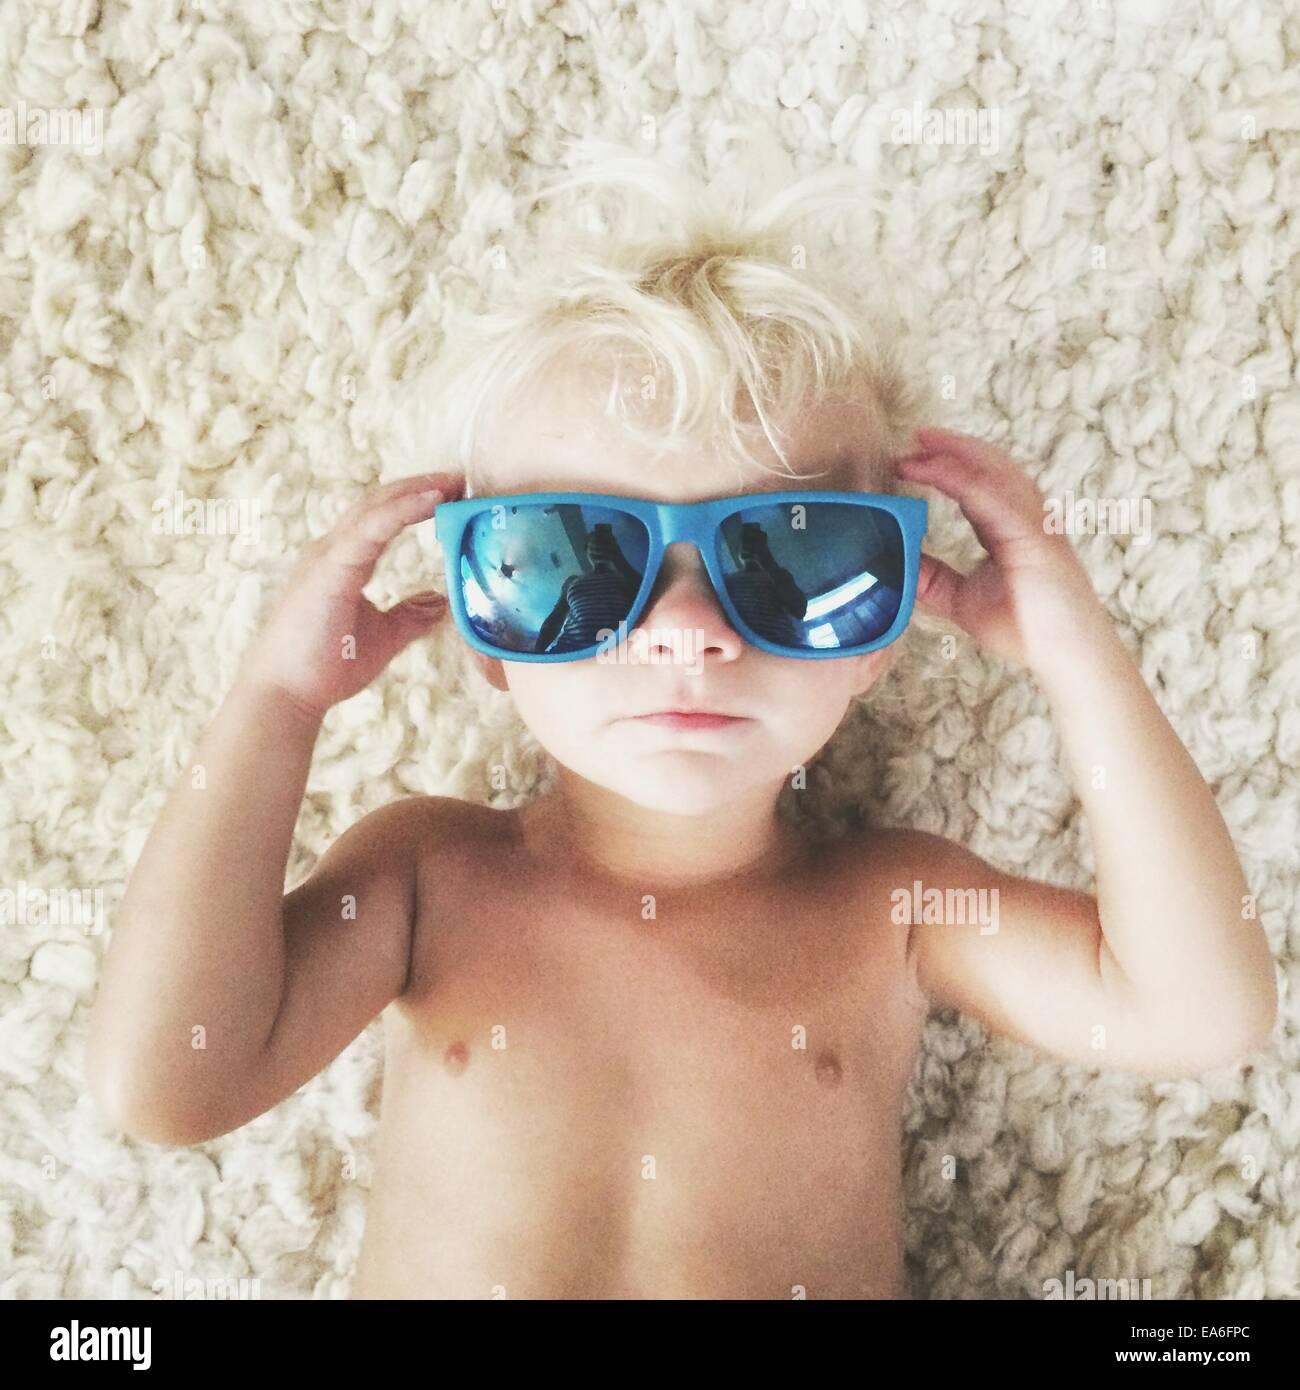 Ragazzo disteso su un tappeto indossando occhiali da sole Immagini Stock